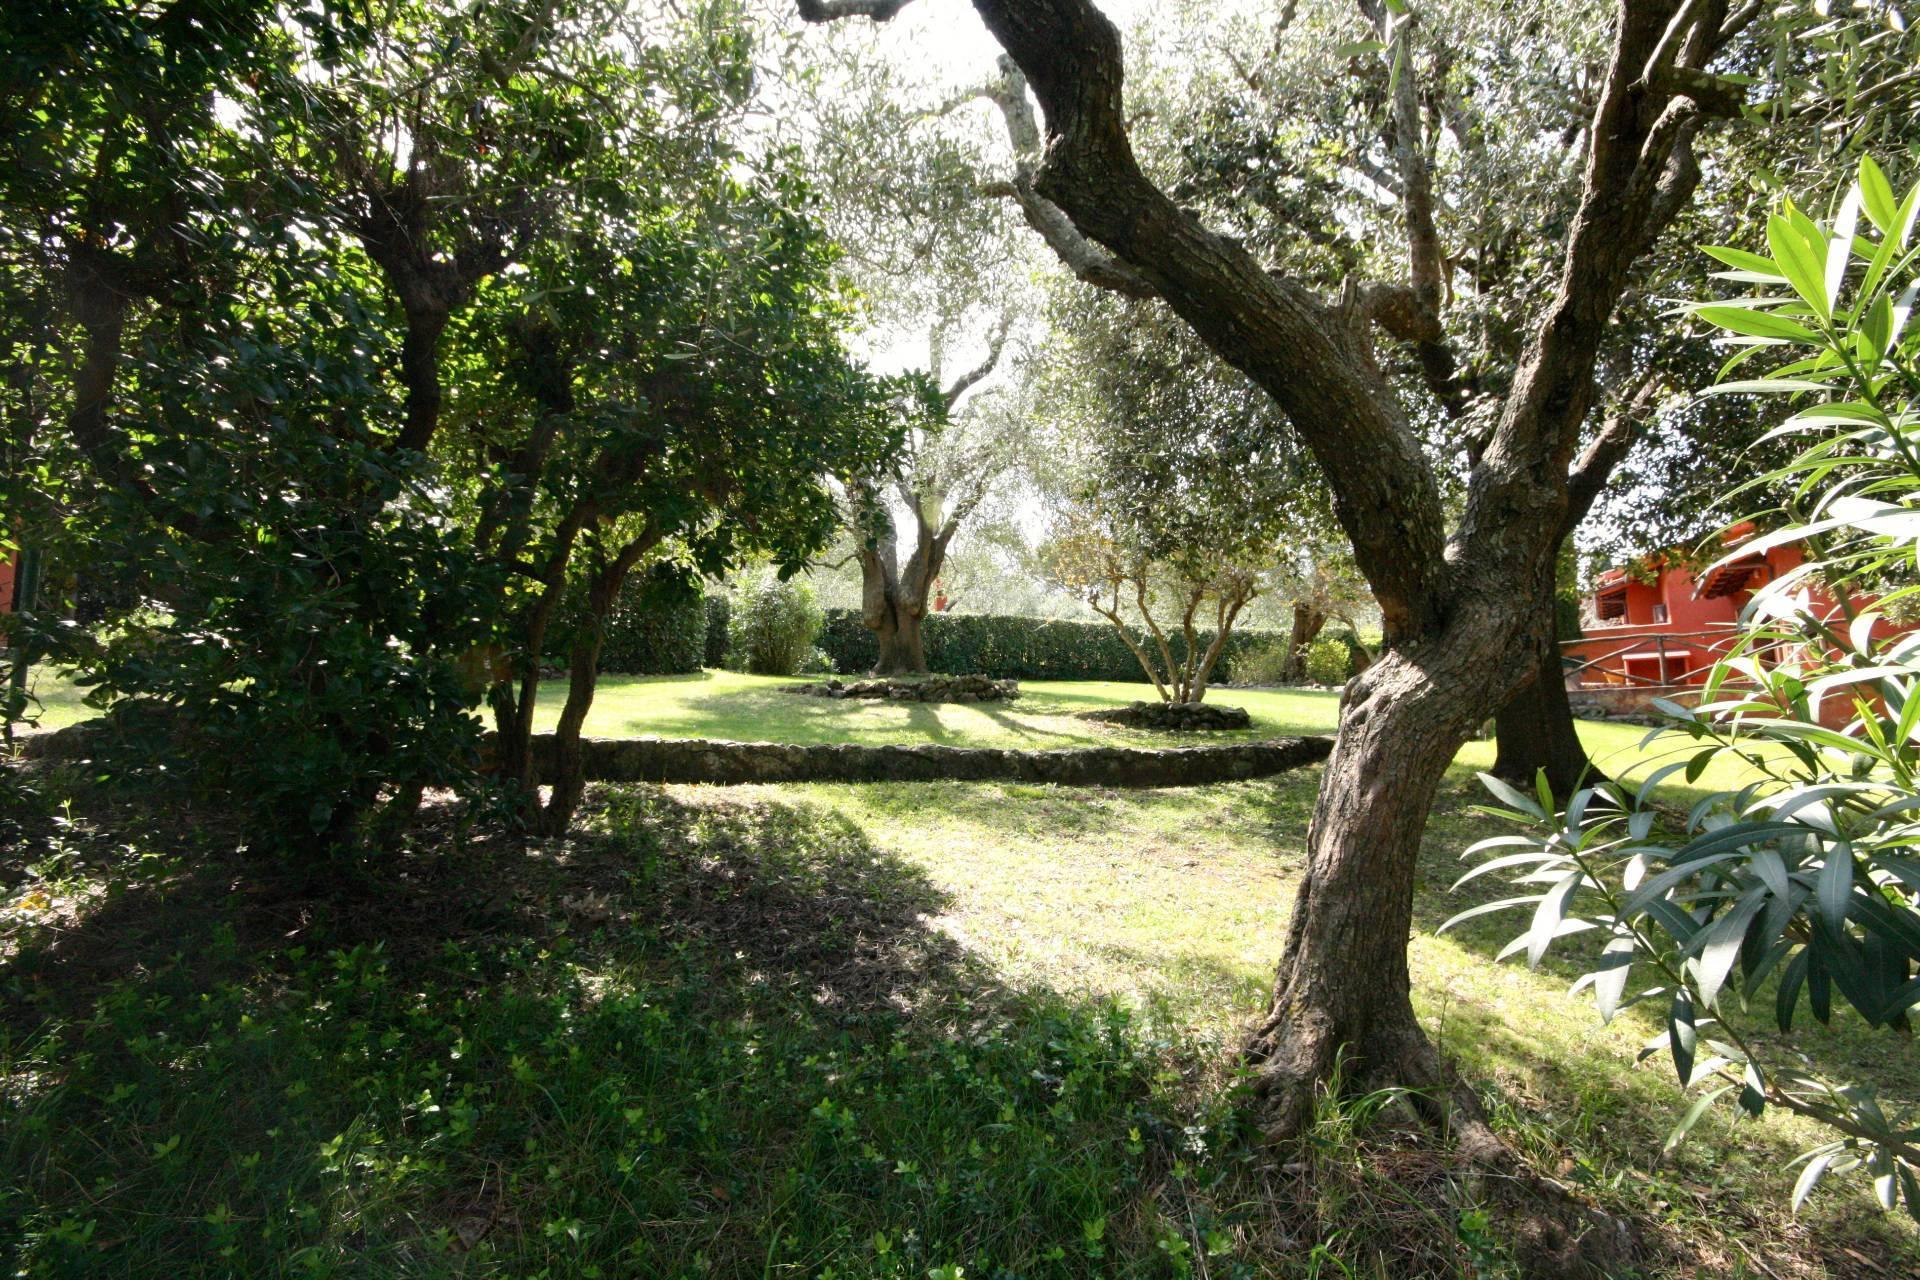 Appartamento in vendita a Orbetello, 6 locali, zona donia, prezzo € 410.000 | PortaleAgenzieImmobiliari.it